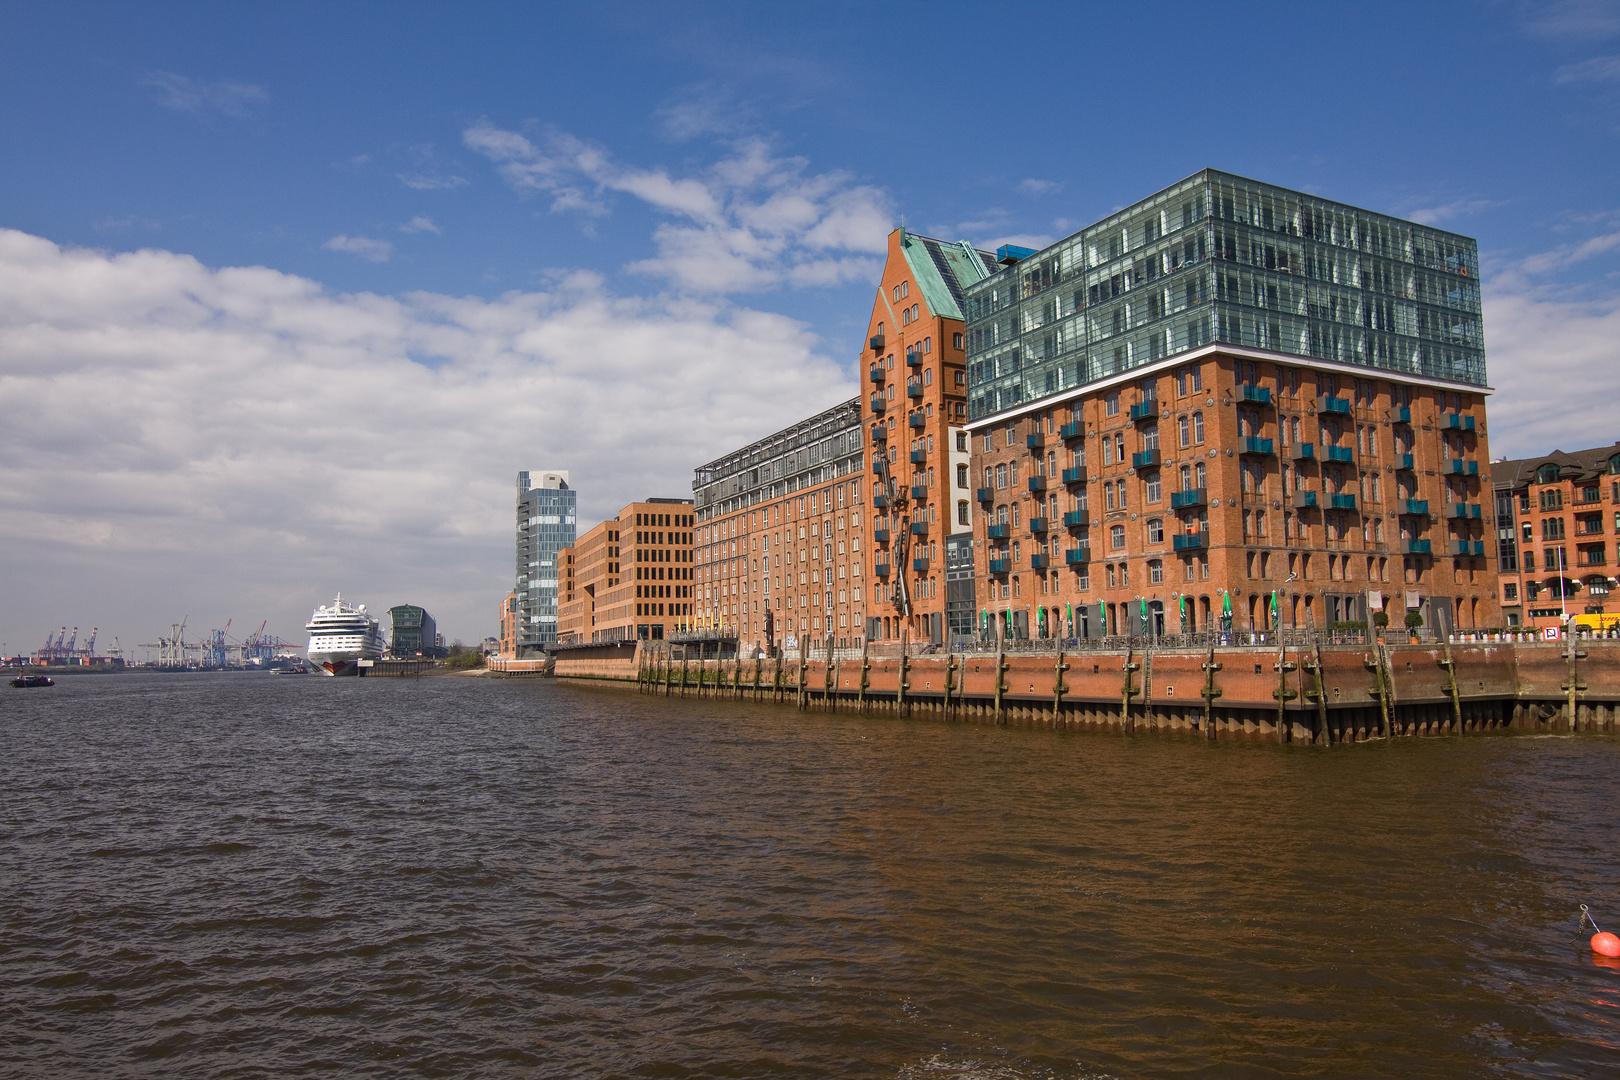 Hafen/Hamburg